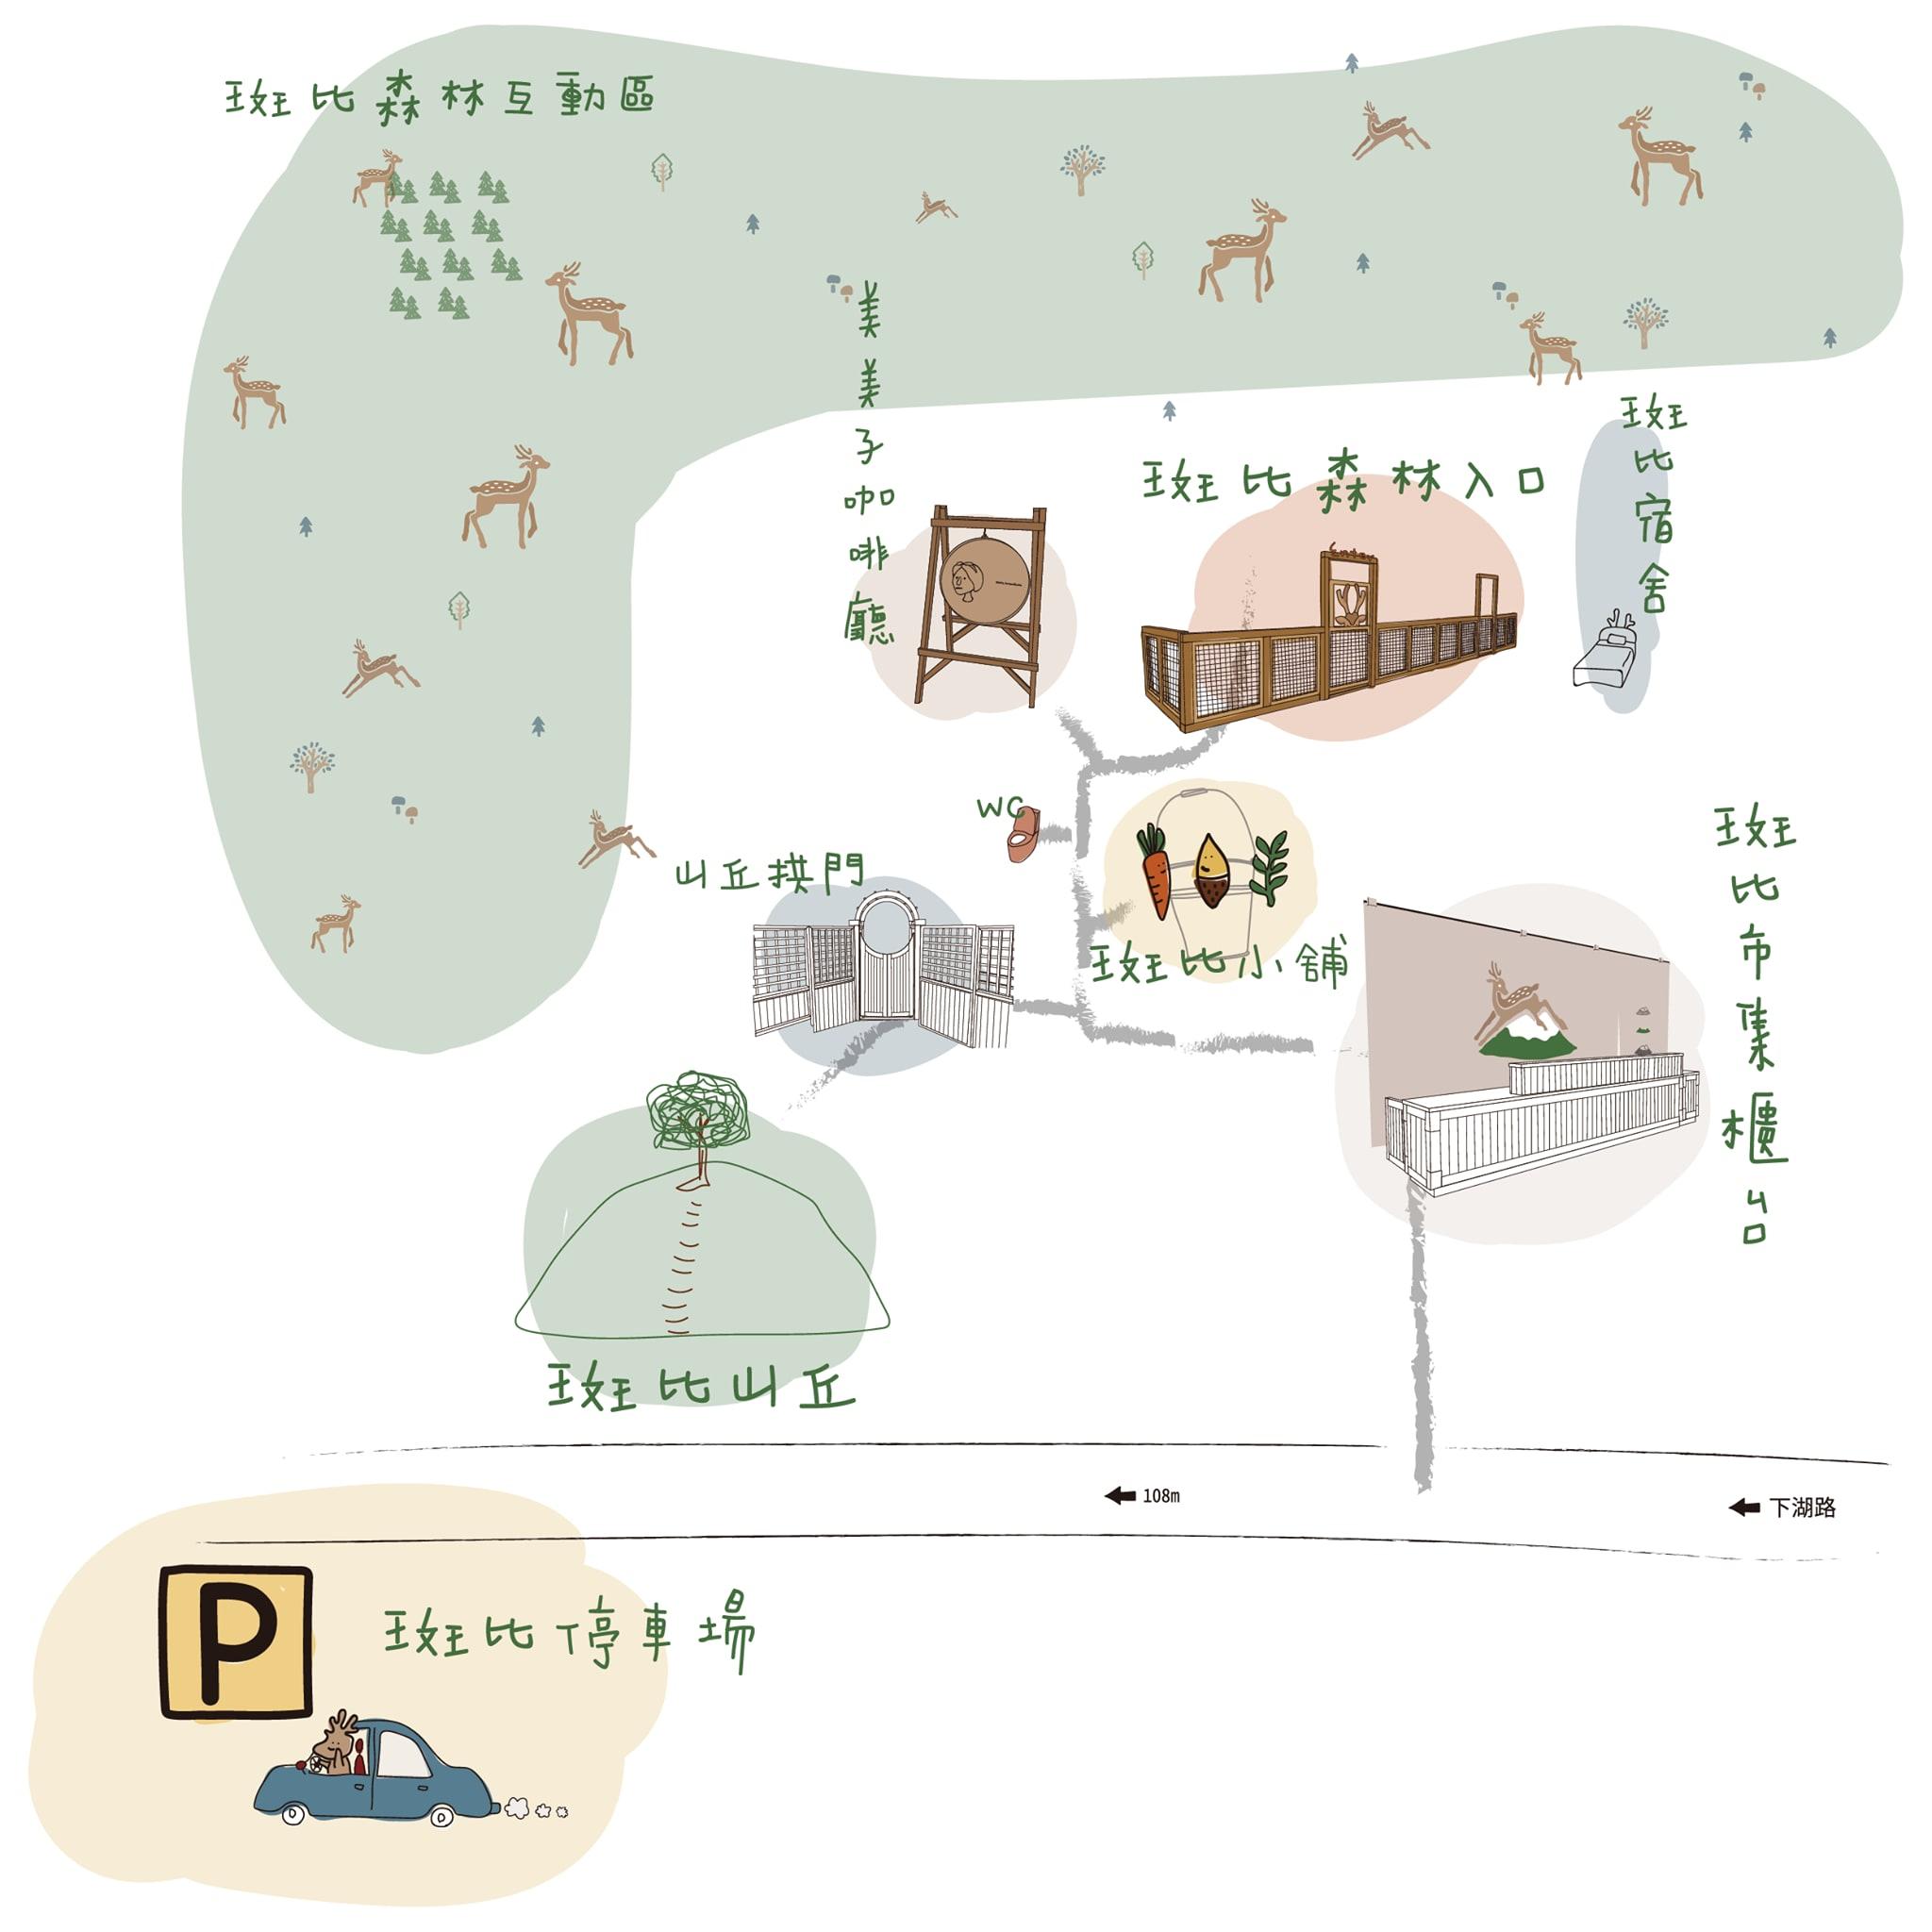 可愛的園區手繪地圖。(圖片取自斑比山丘 Bambi Land官方FB粉絲團。)